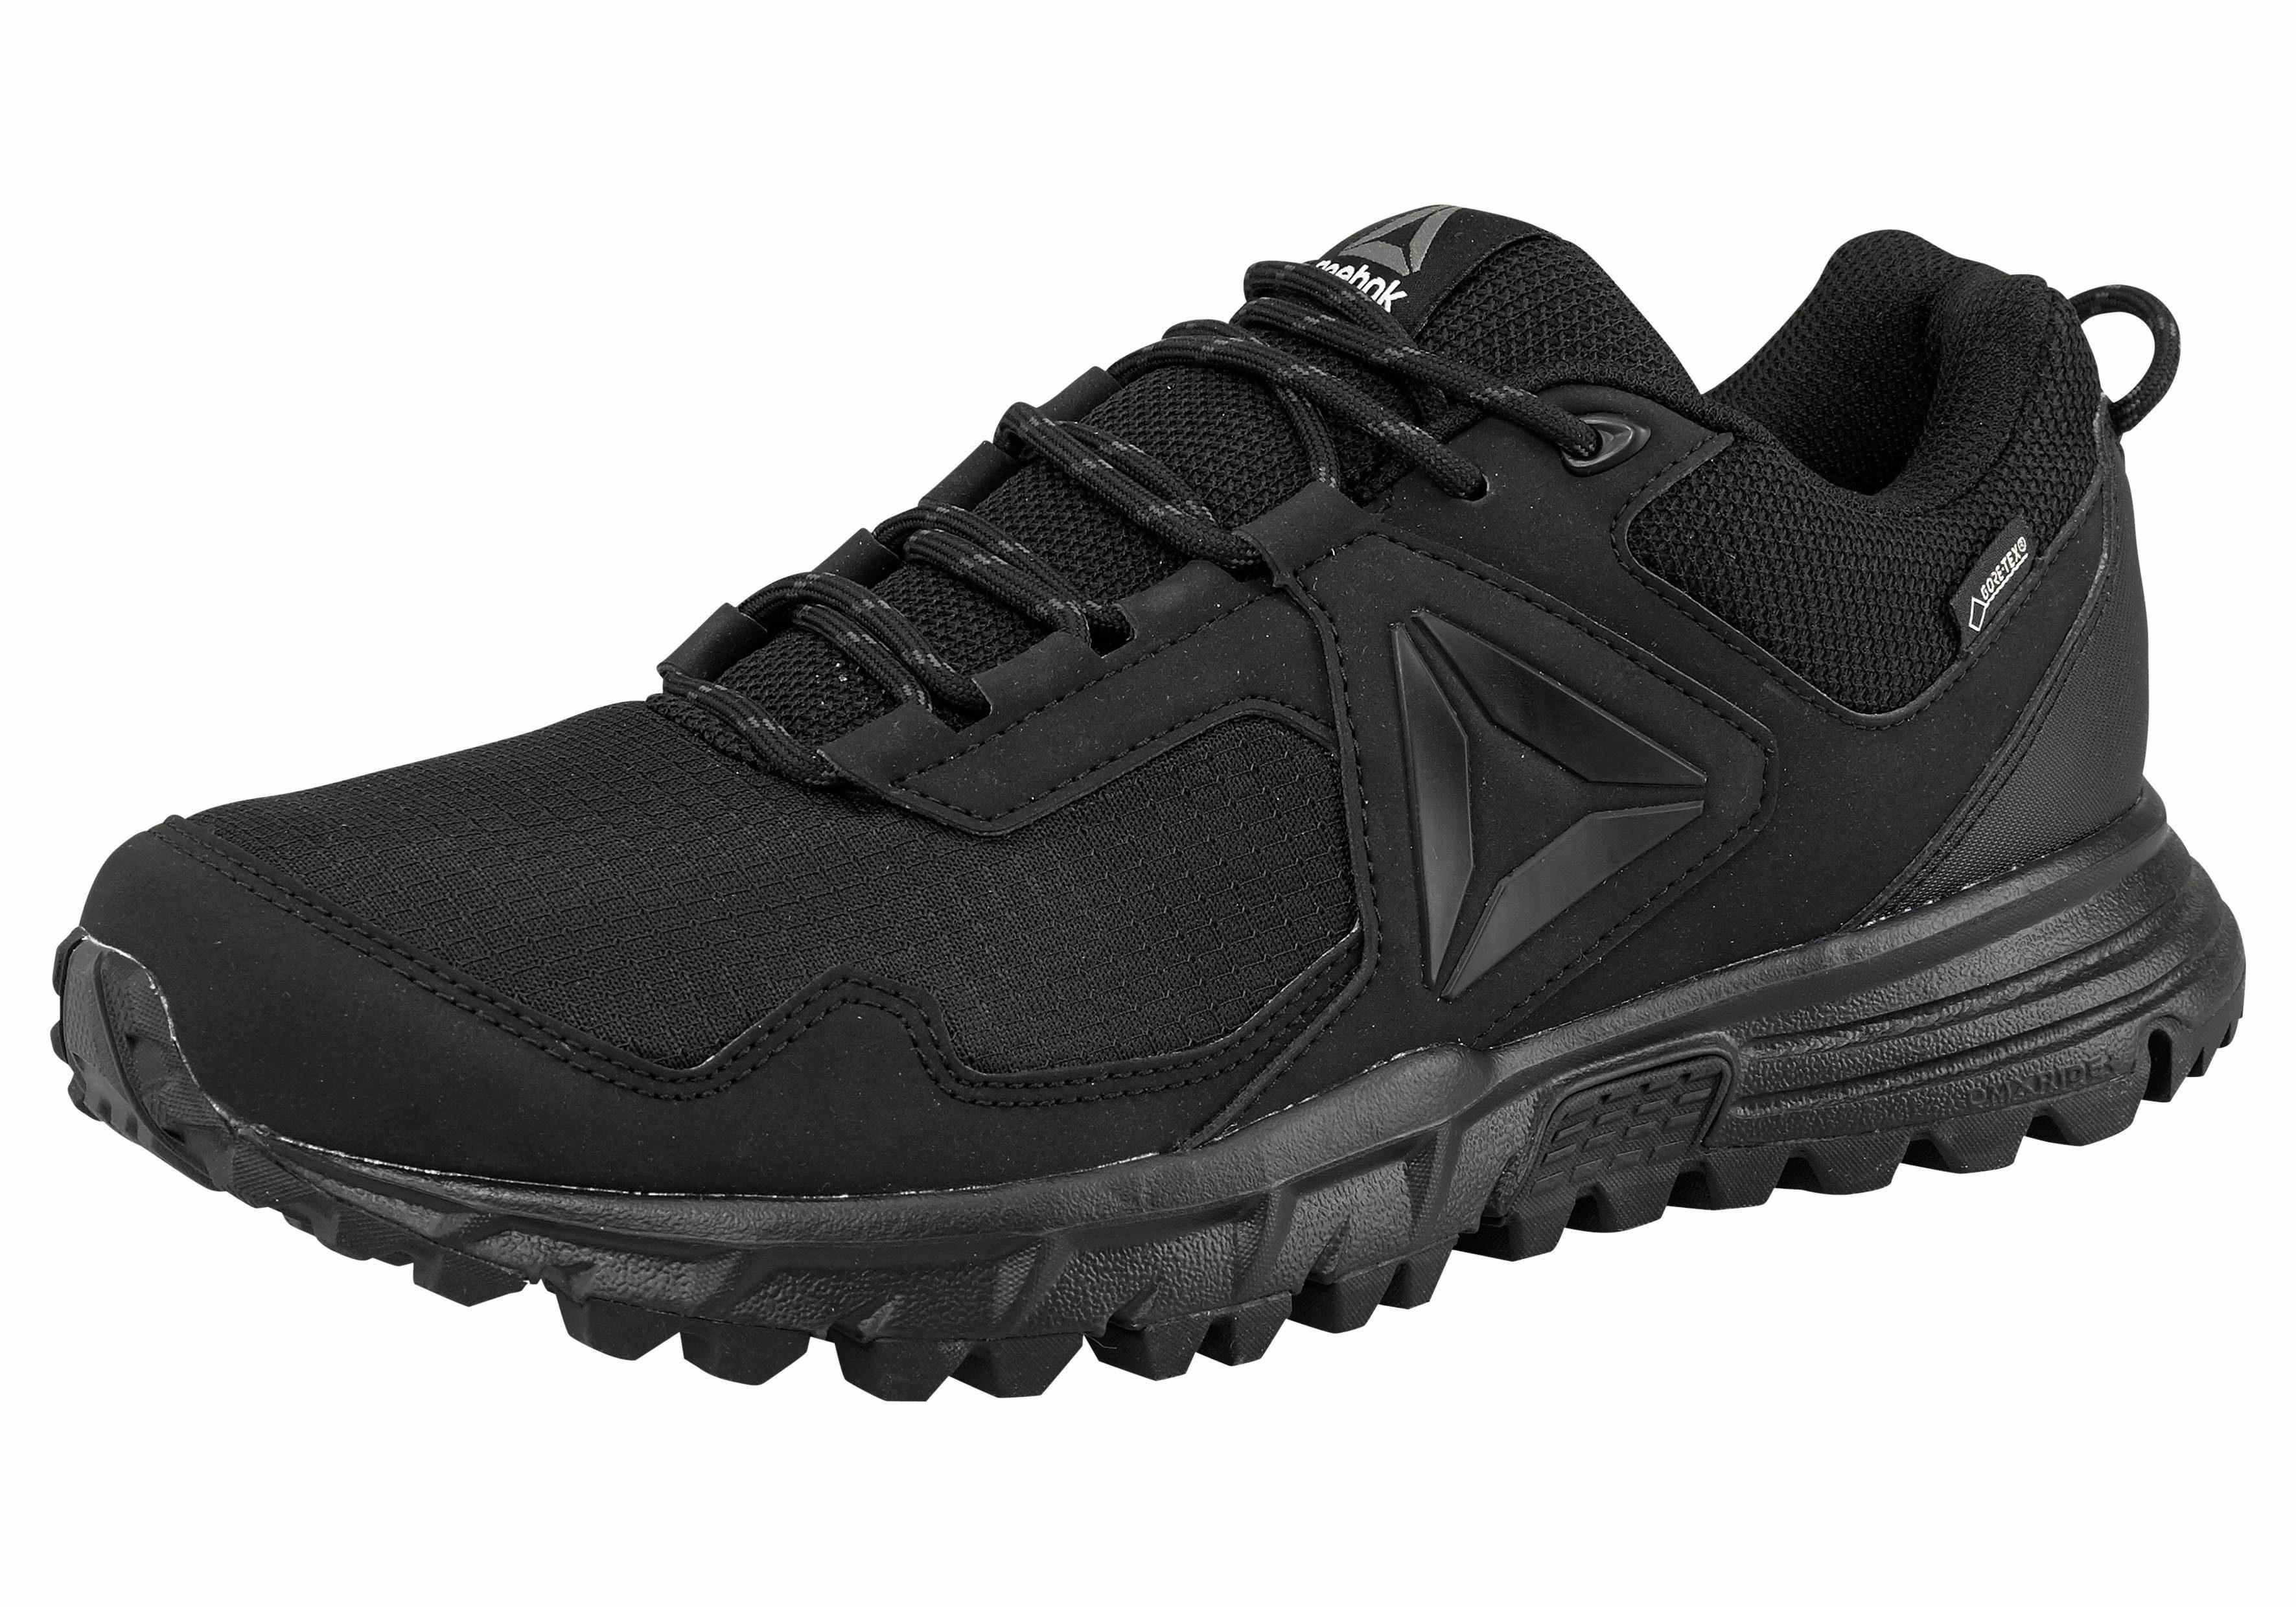 Reebok Sawcut 50 Goretex Walkingschuh kaufen  schwarz